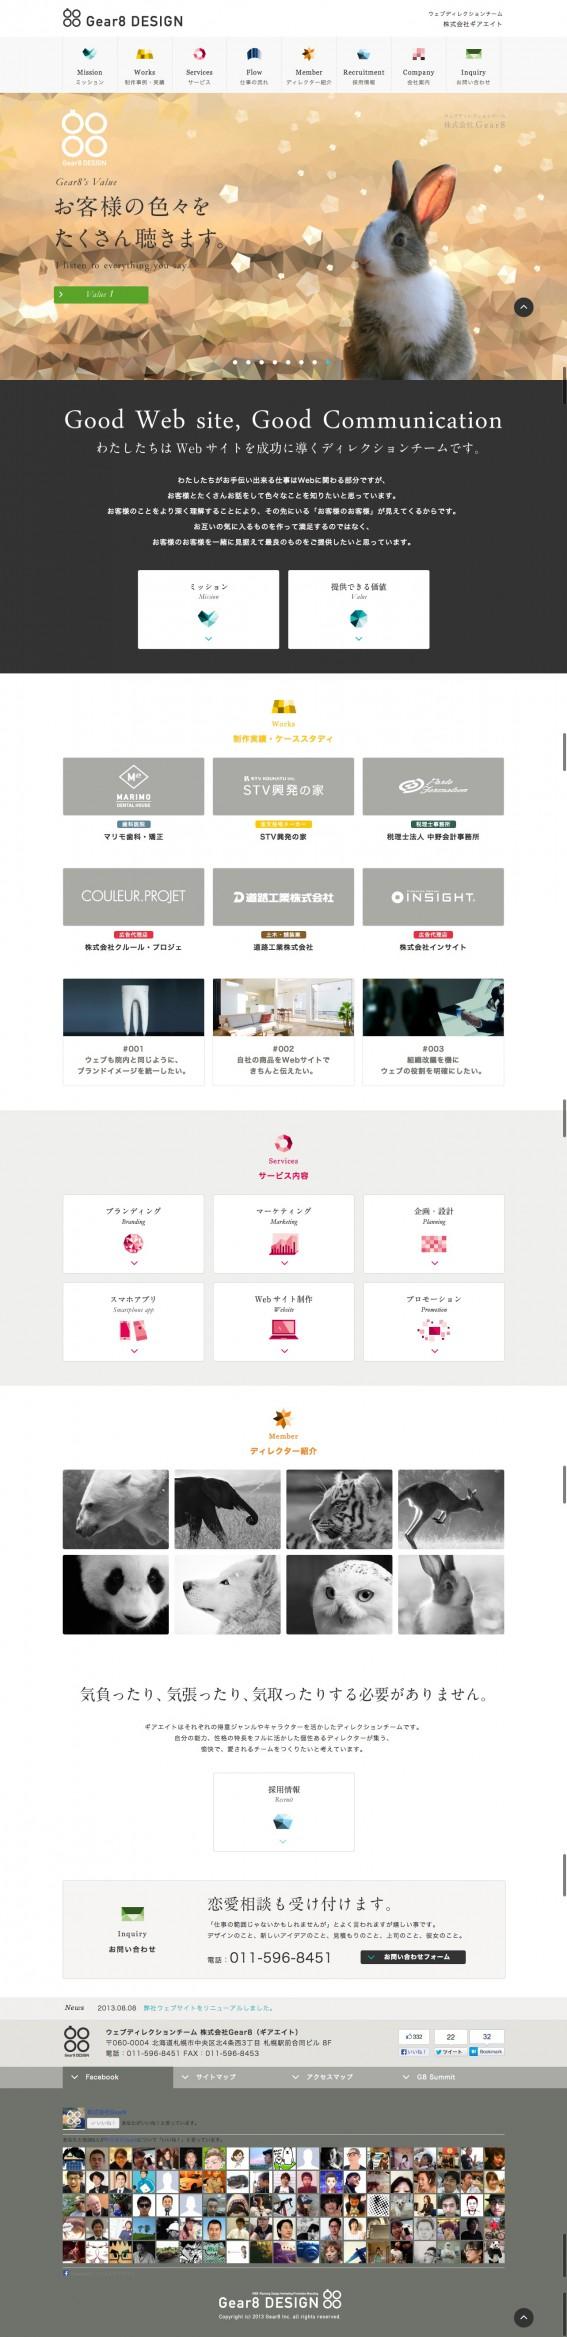 ウェブディレクションチーム – 株式会社Gear8